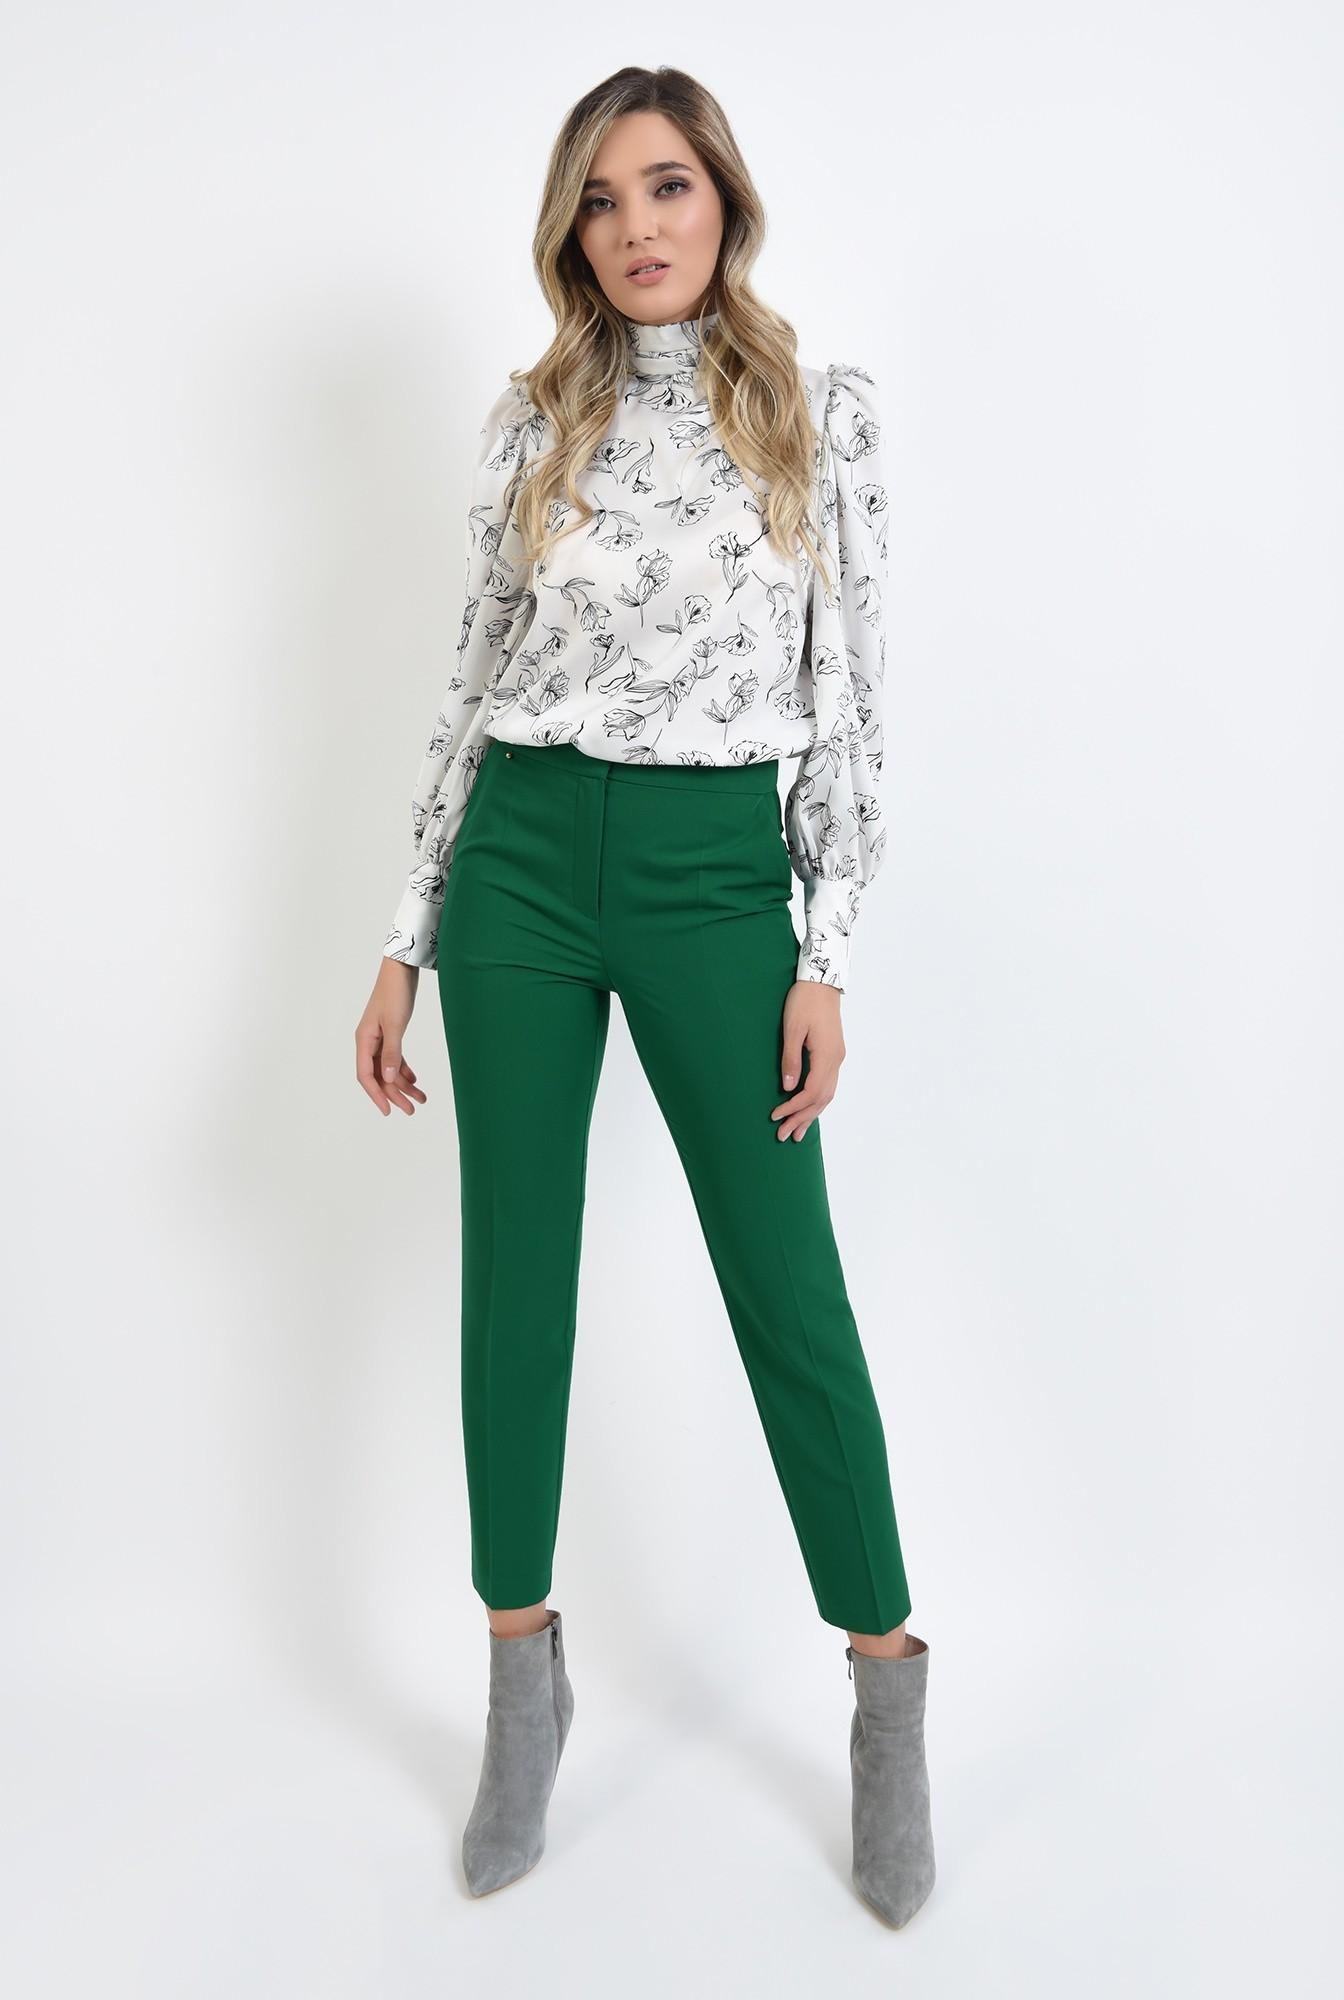 0 - pantaloni verzi, conici, cu talie medie